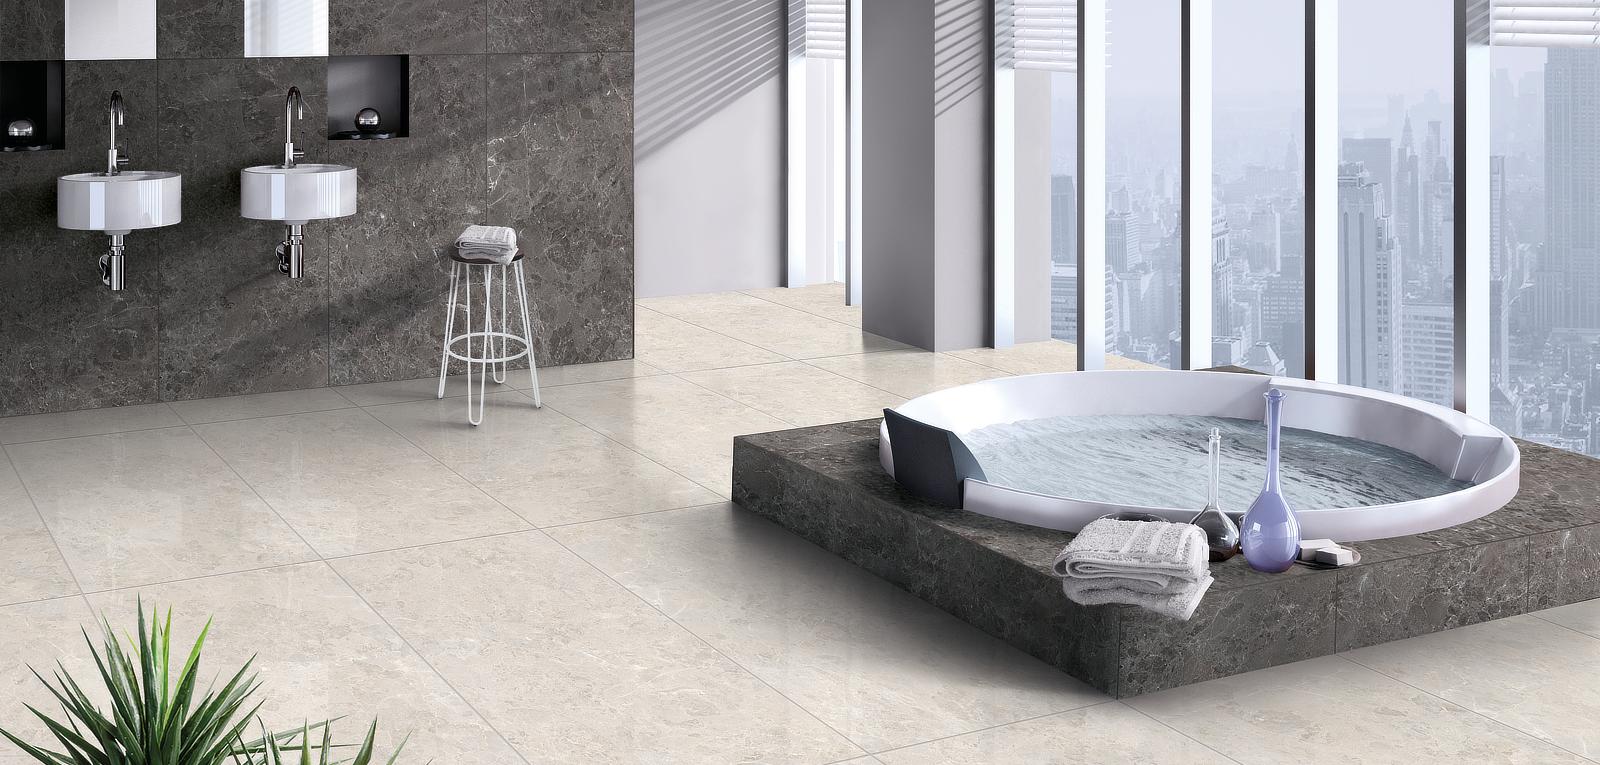 Exclusive Luxury Penthouse Bathroom Interior